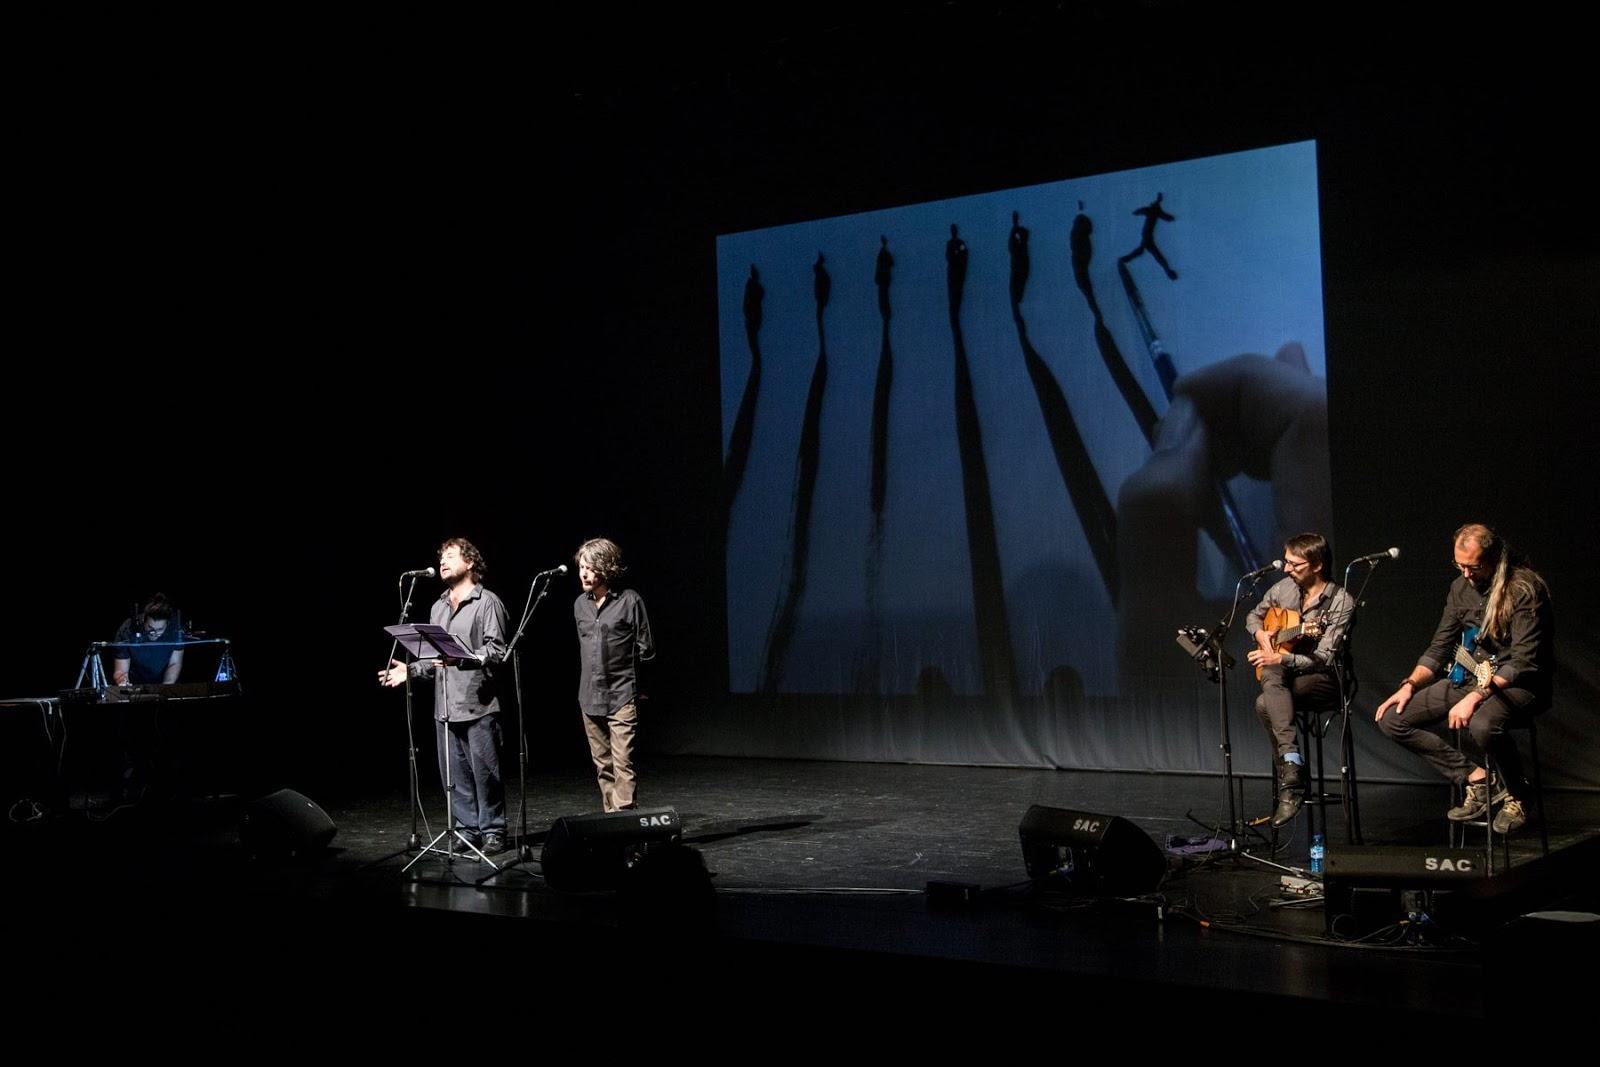 Momento del espectáculo su mal espanta, en el teatro Juan del Encina en Salamanca